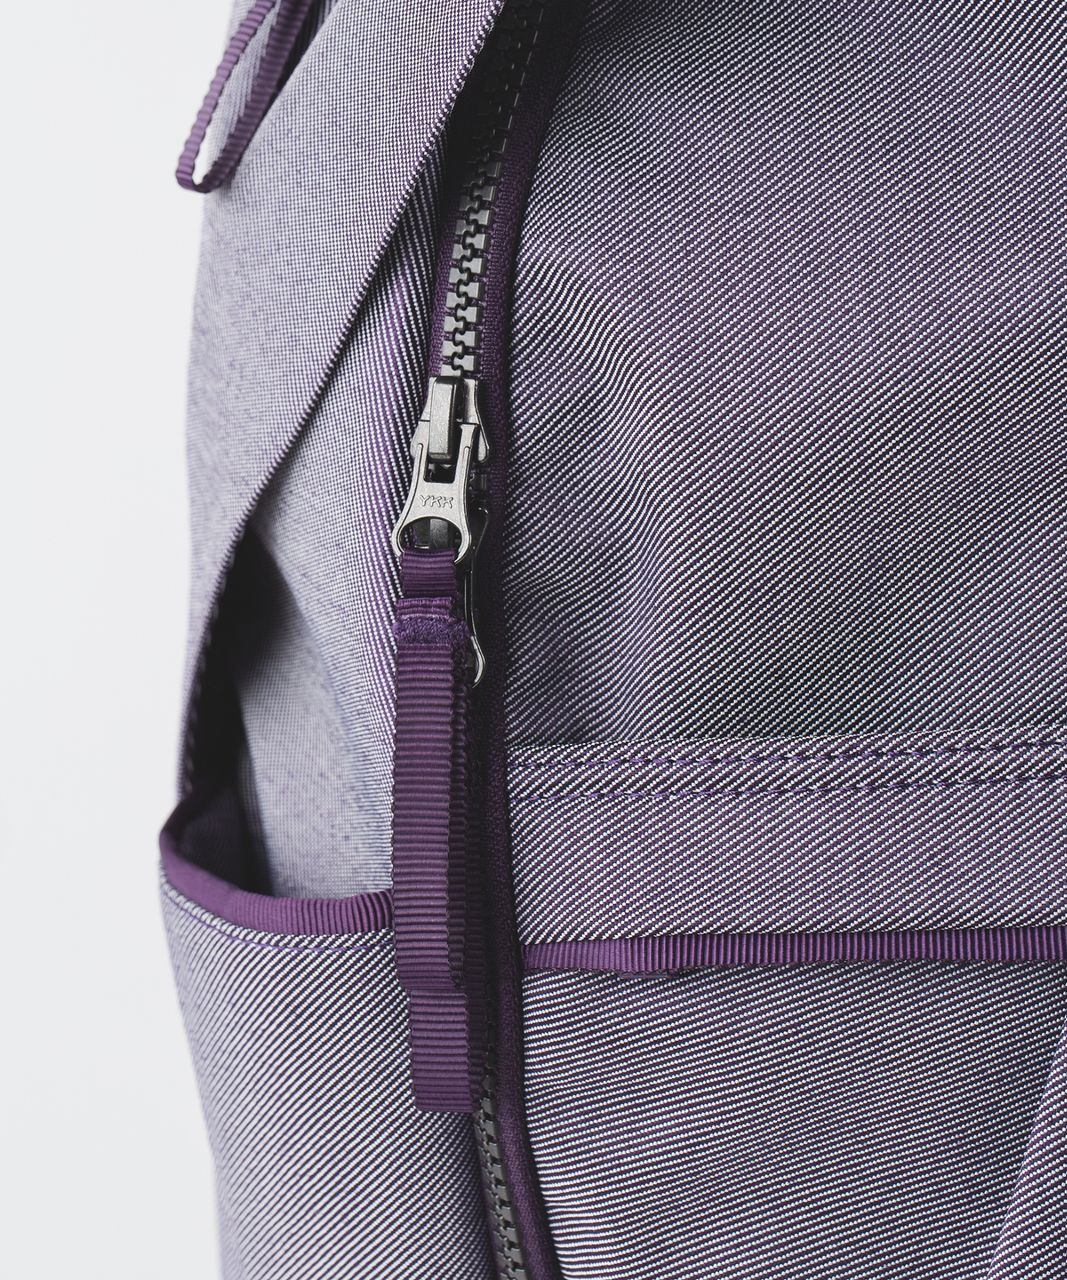 Lululemon All Day Backpack - Deep Zinfandel / White